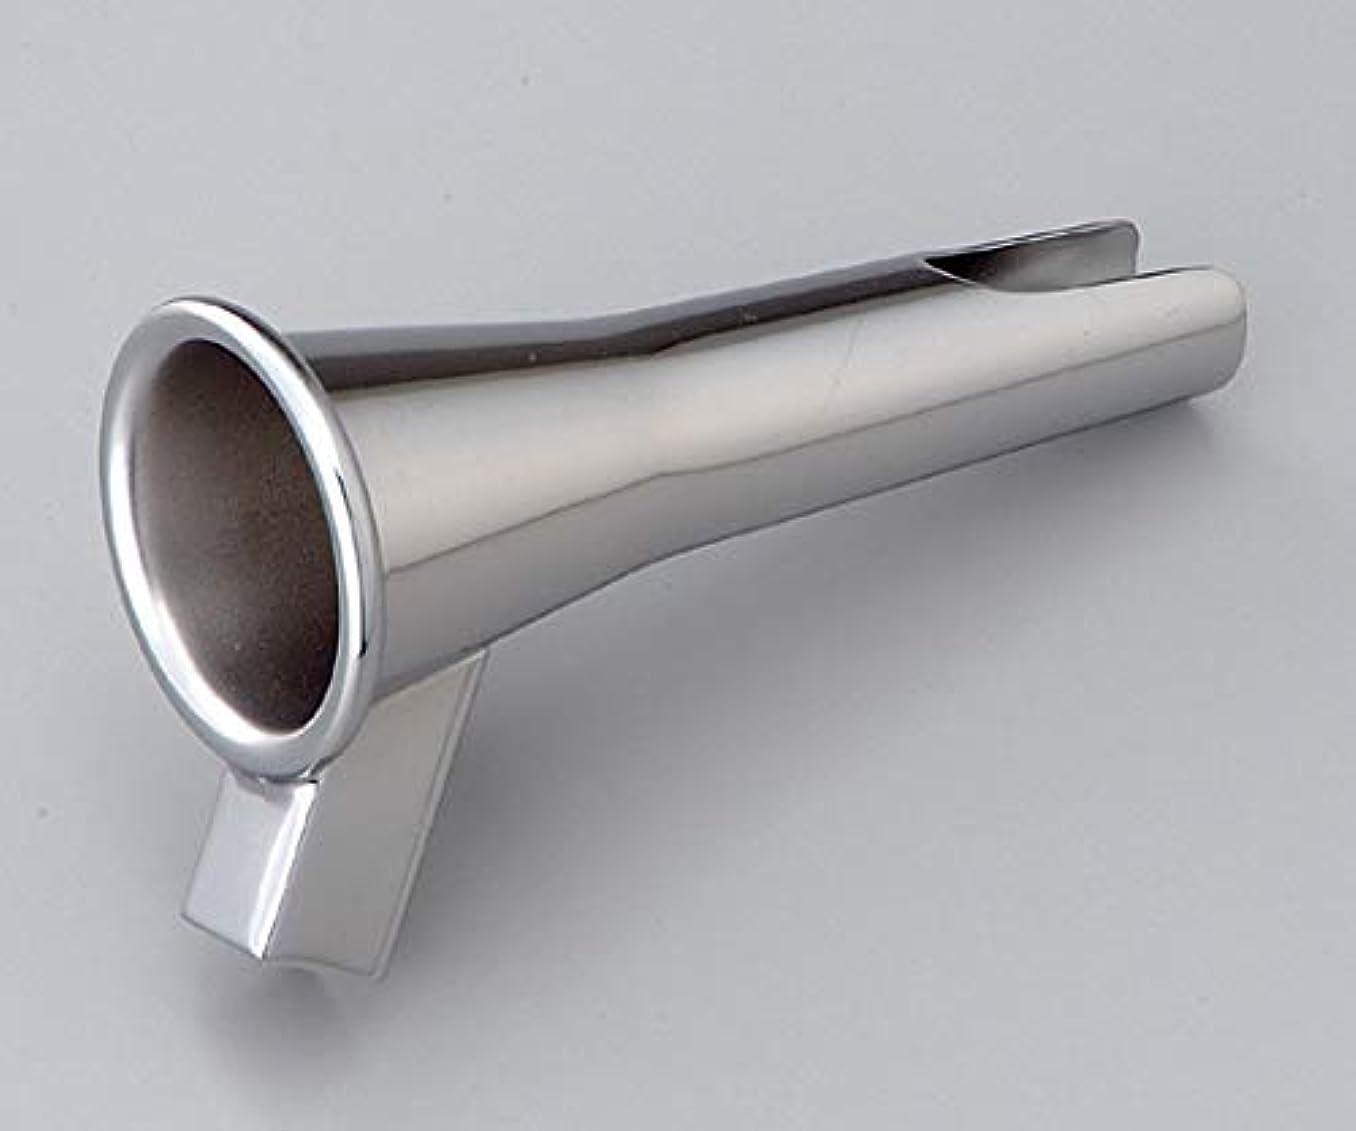 セメントレッドデート熟練したオペレーティング型肛門鏡 38614